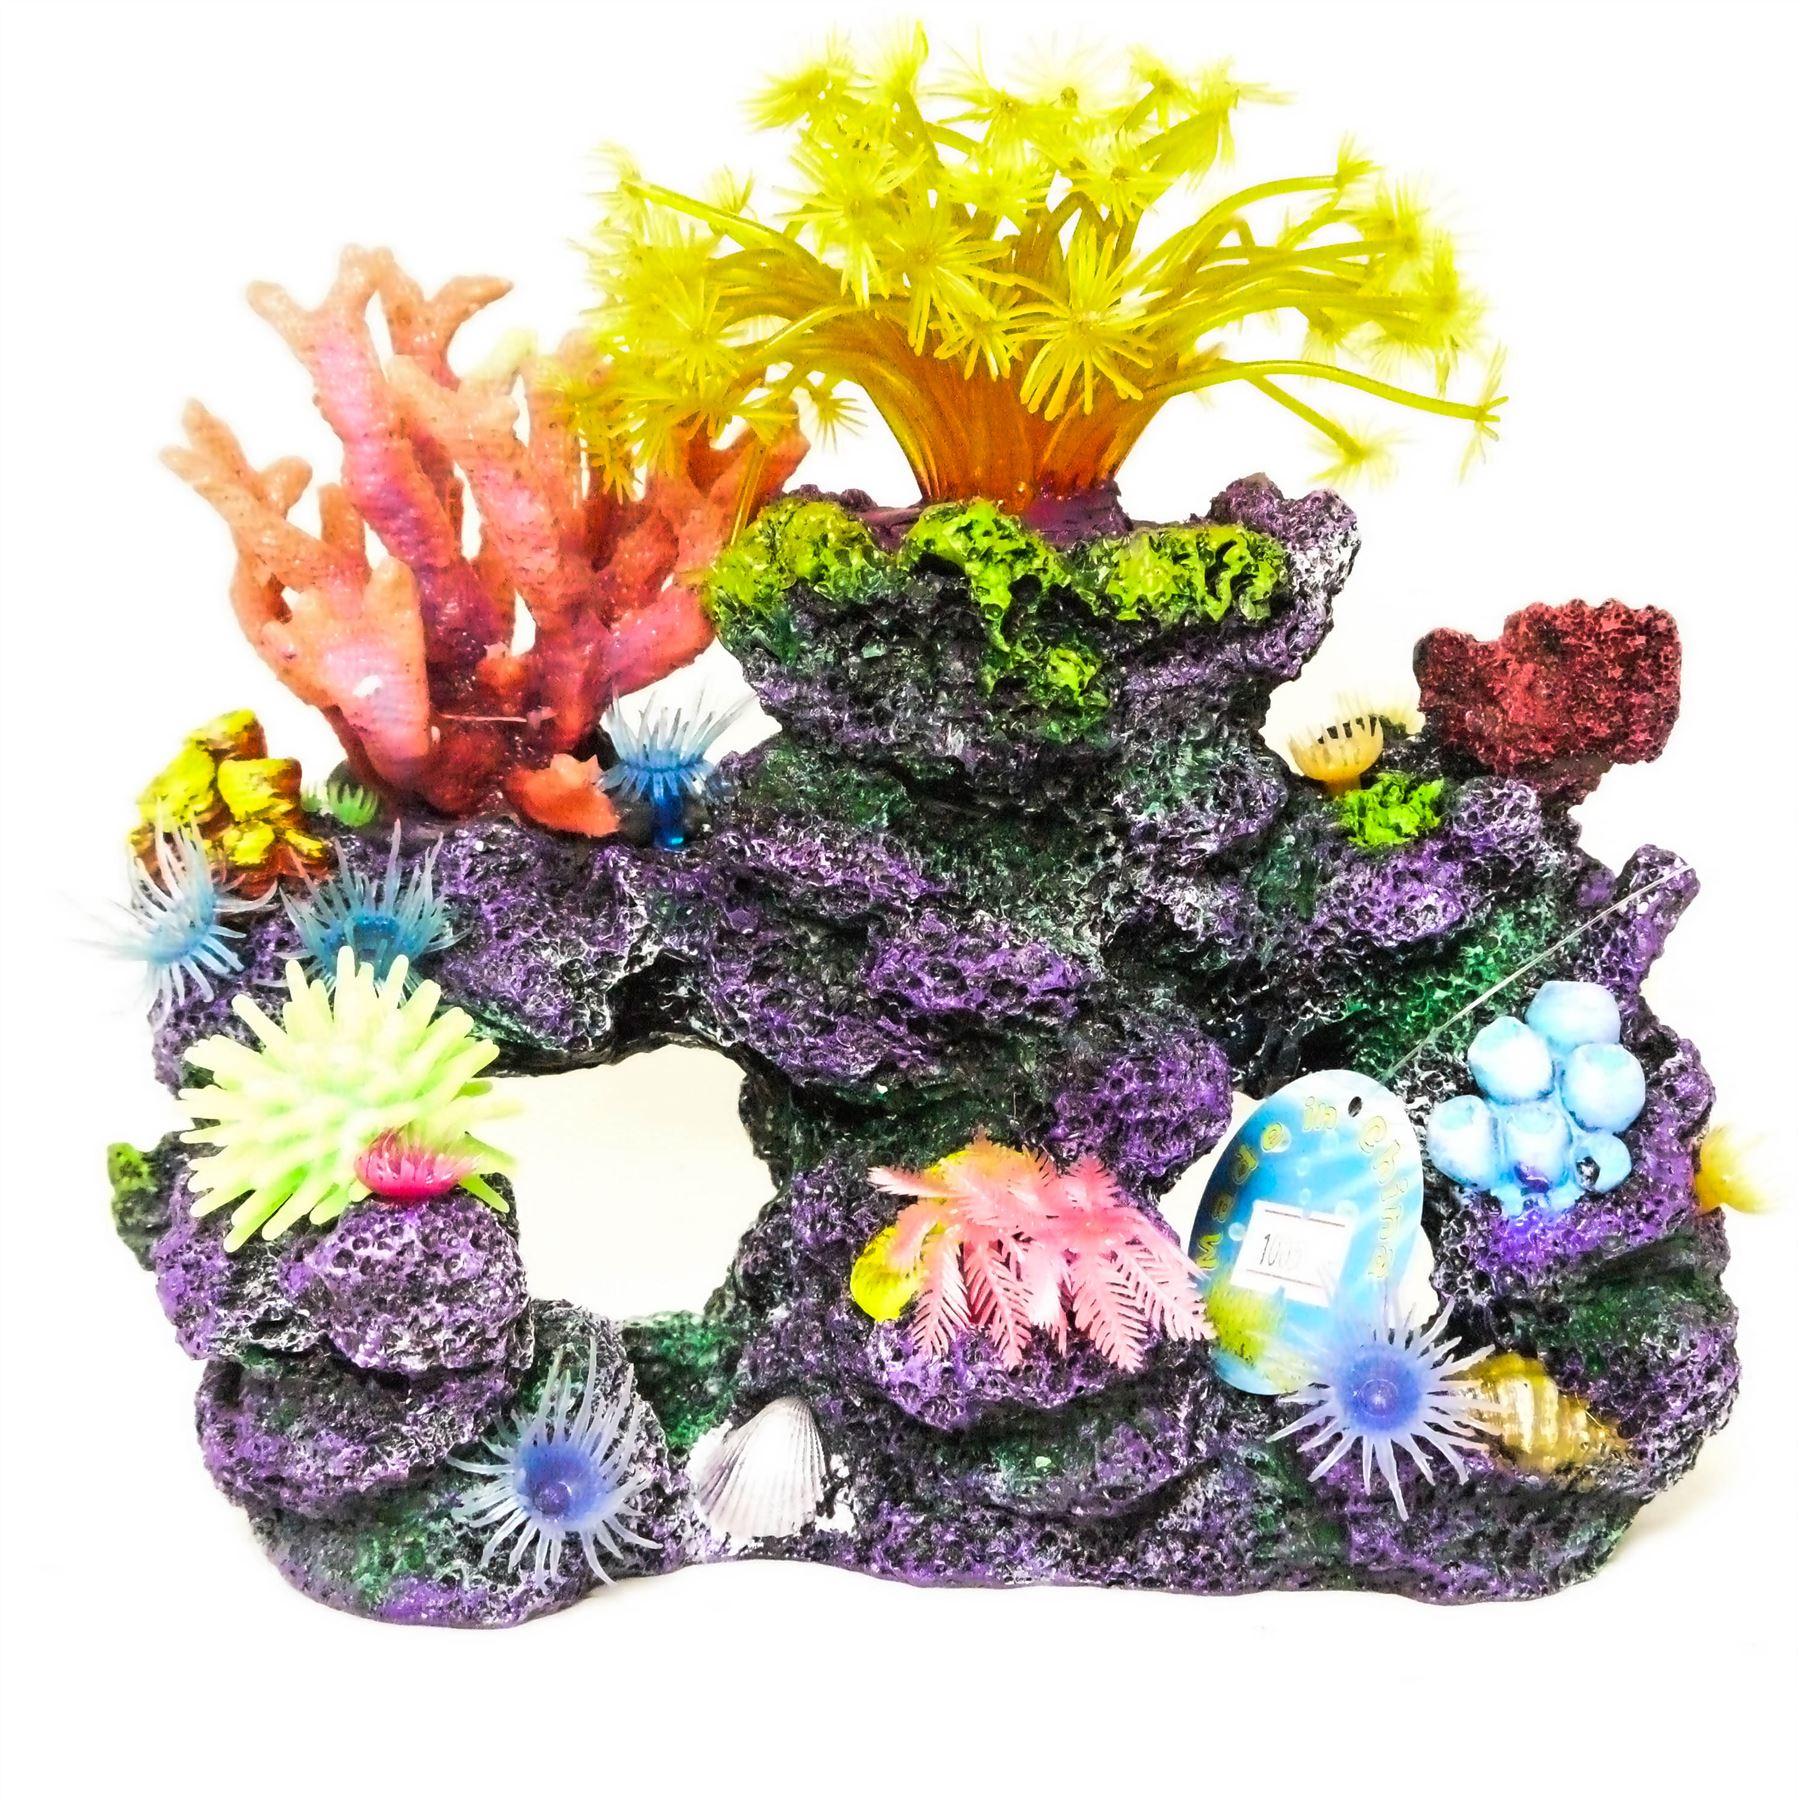 Камень коралл: магические свойства, виды и цвета, кому подходит по знаку зодиака